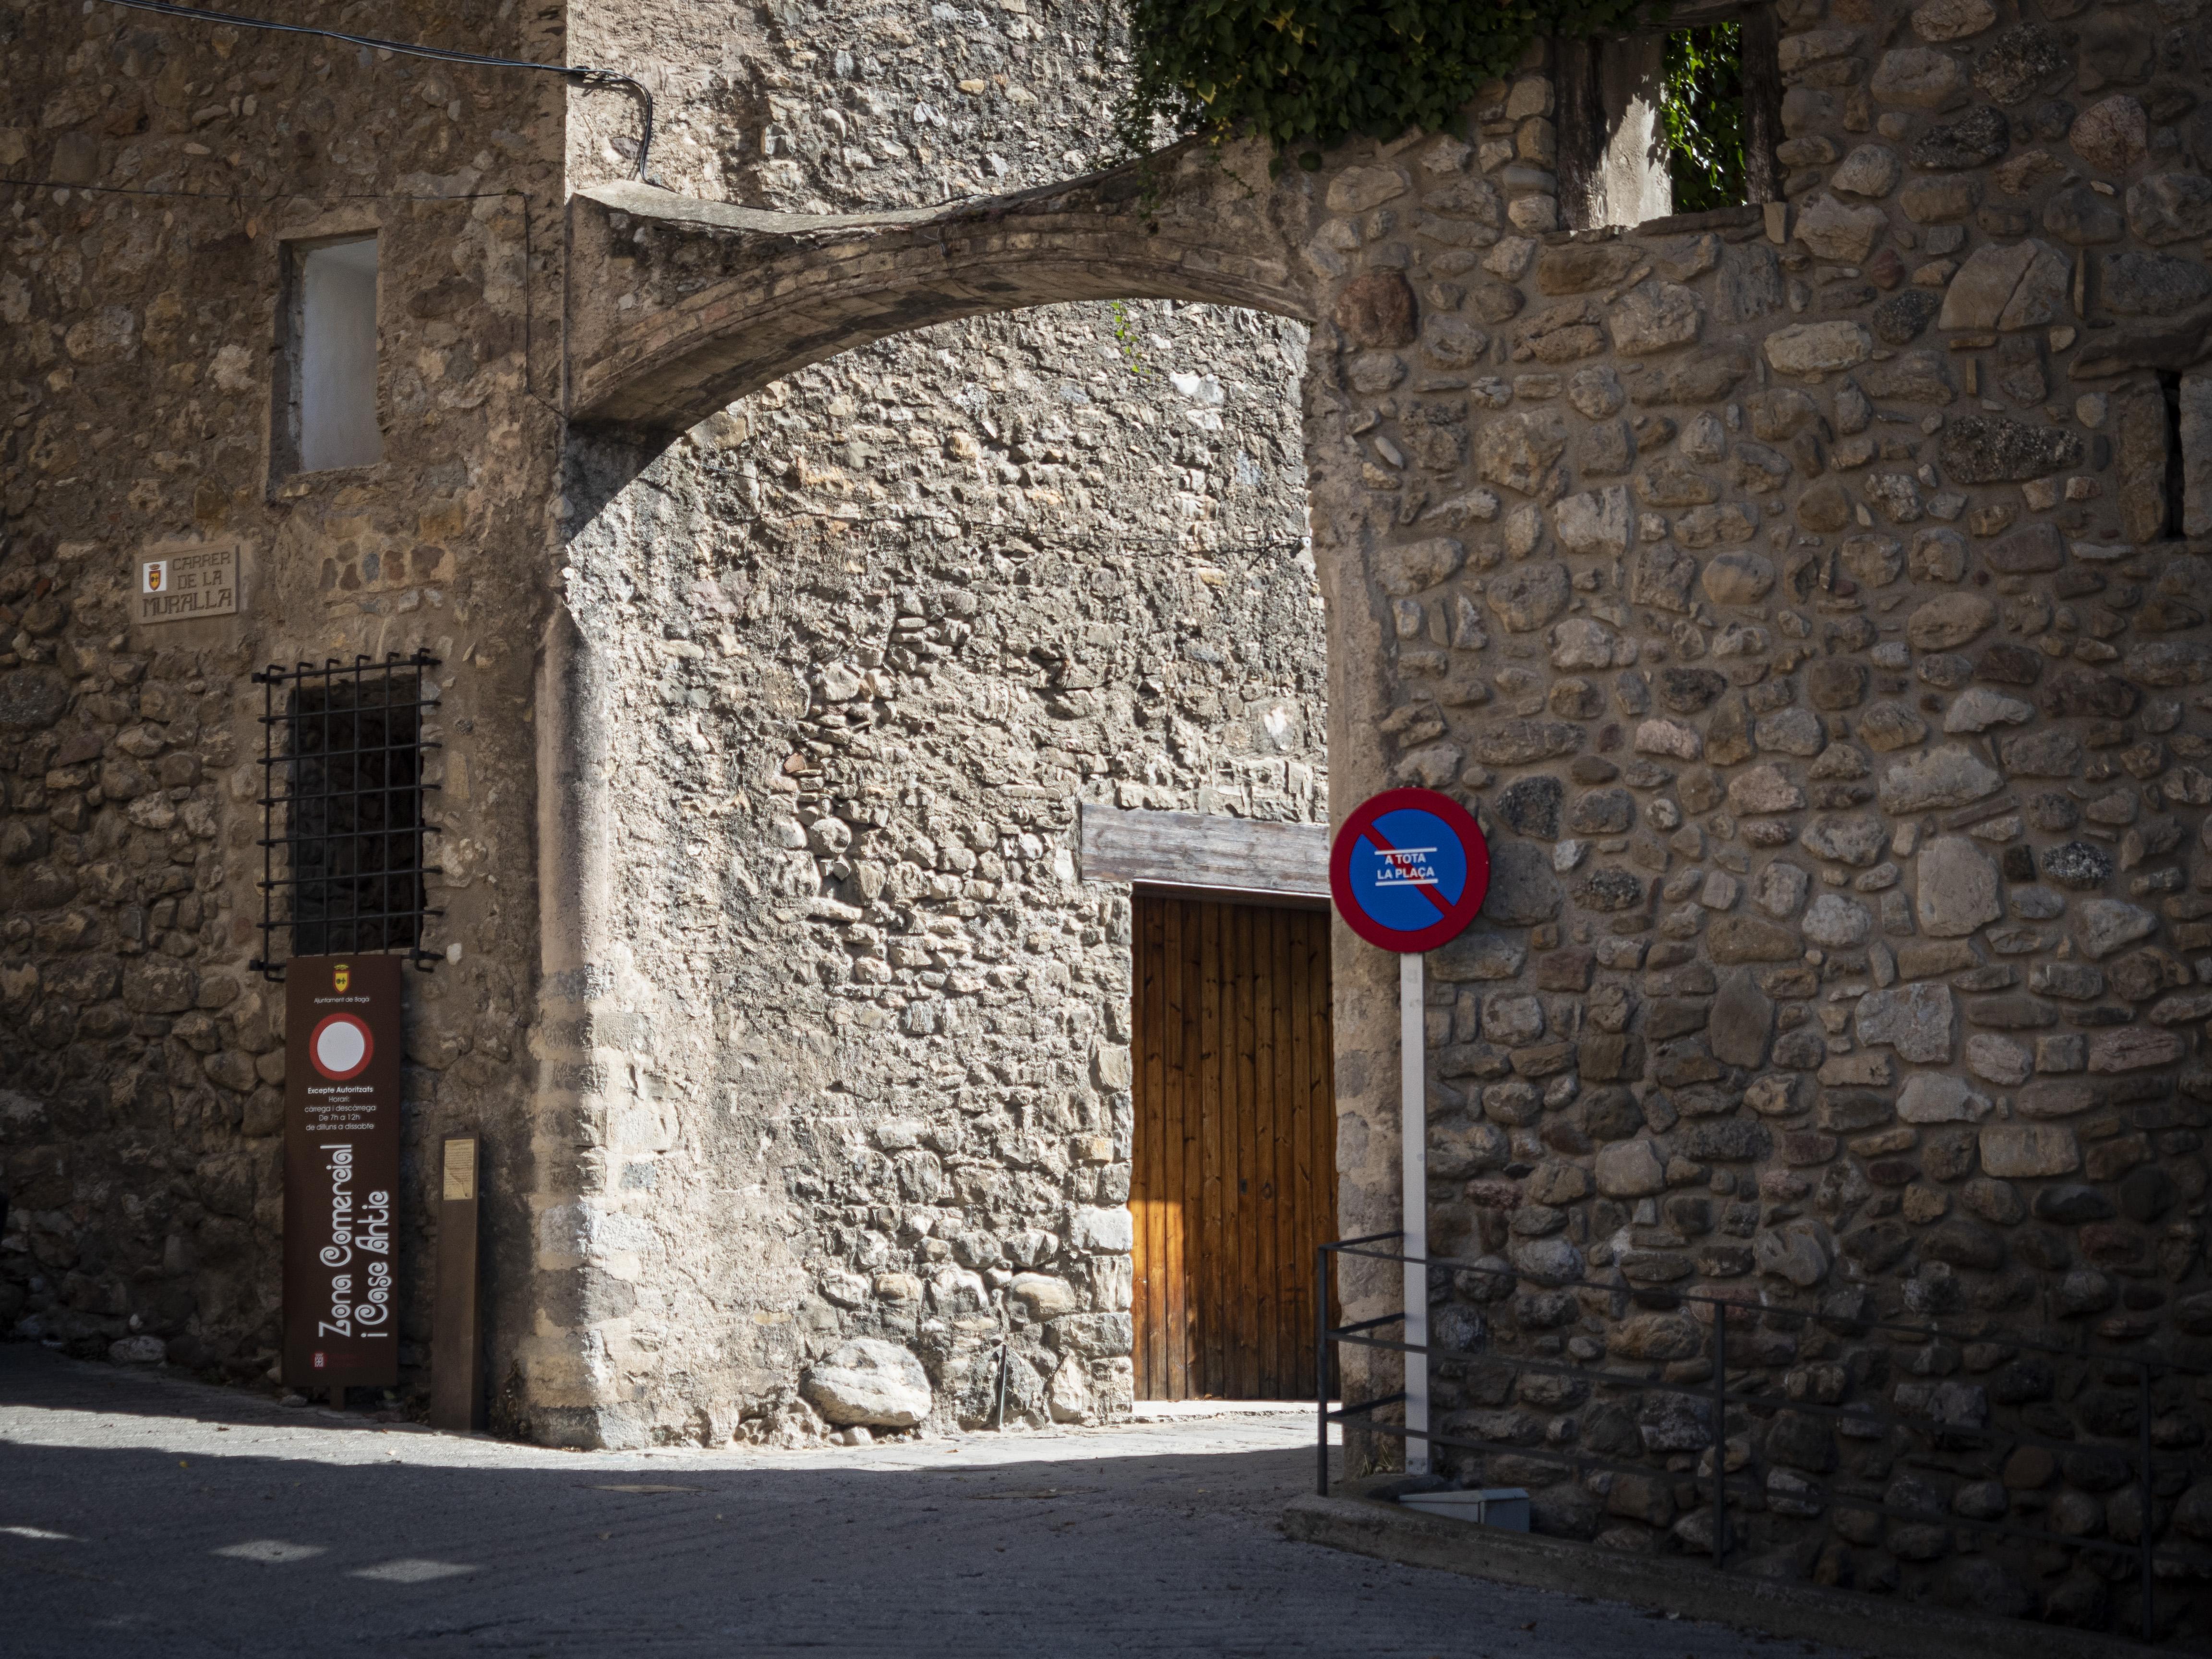 Bagà, una vila medieval 18. FOTO: Anna E. Puig